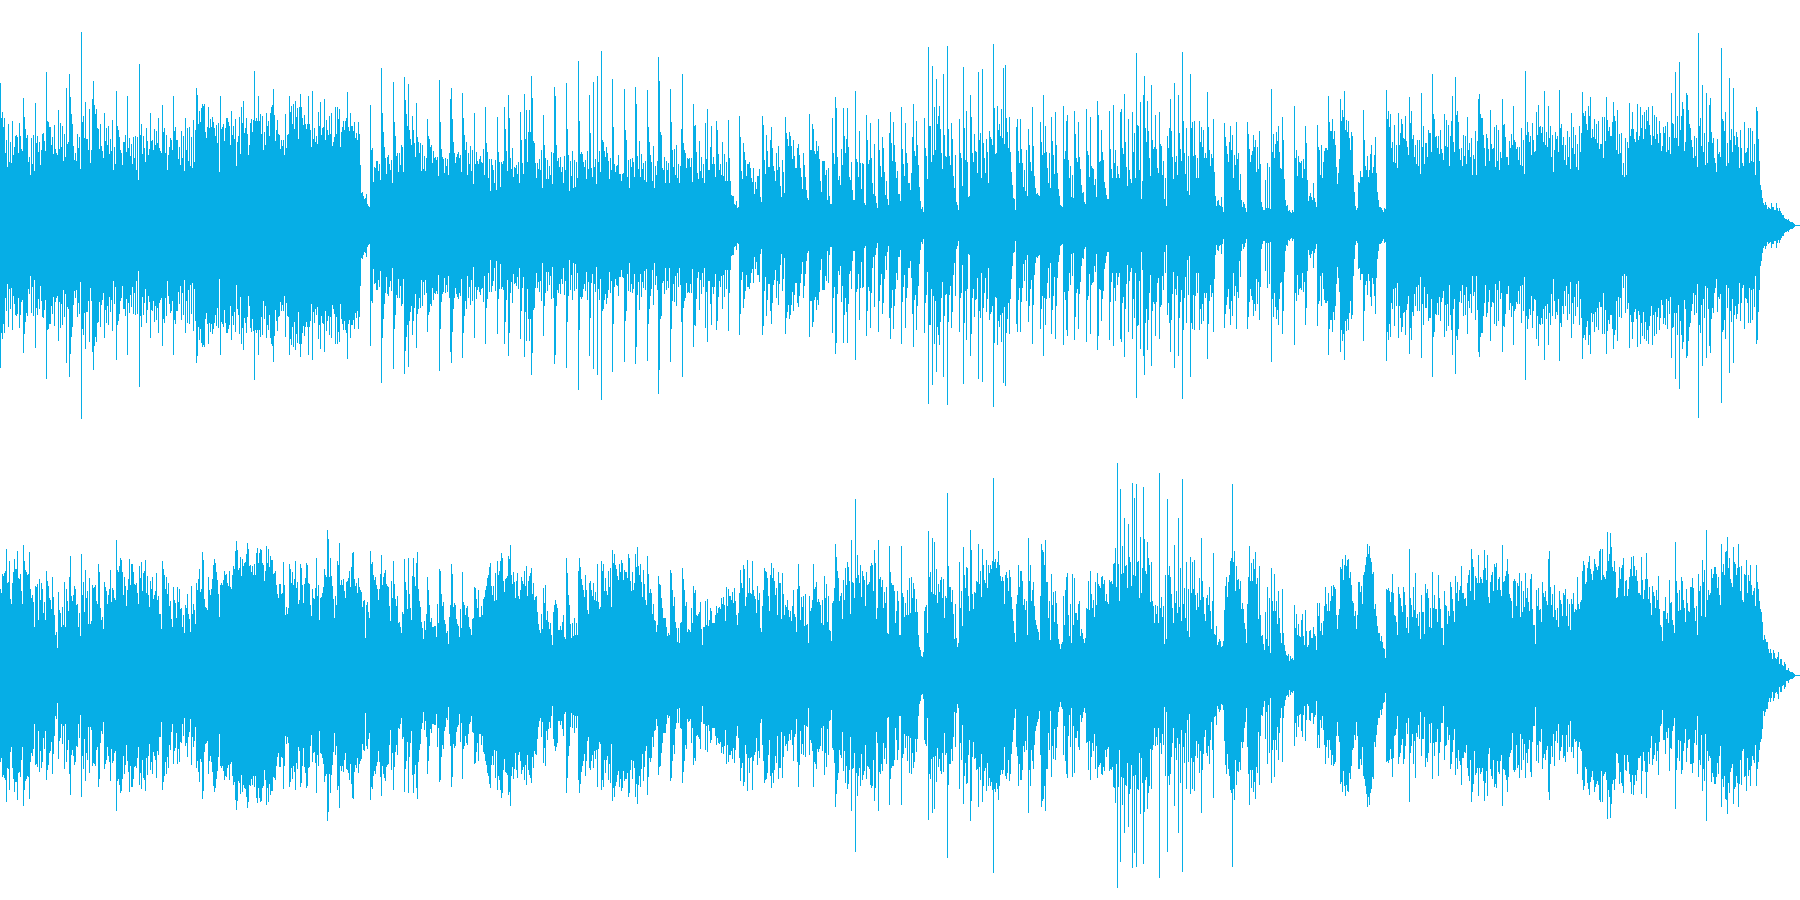 ゆったりと美しいピアノのリラクゼーションの再生済みの波形